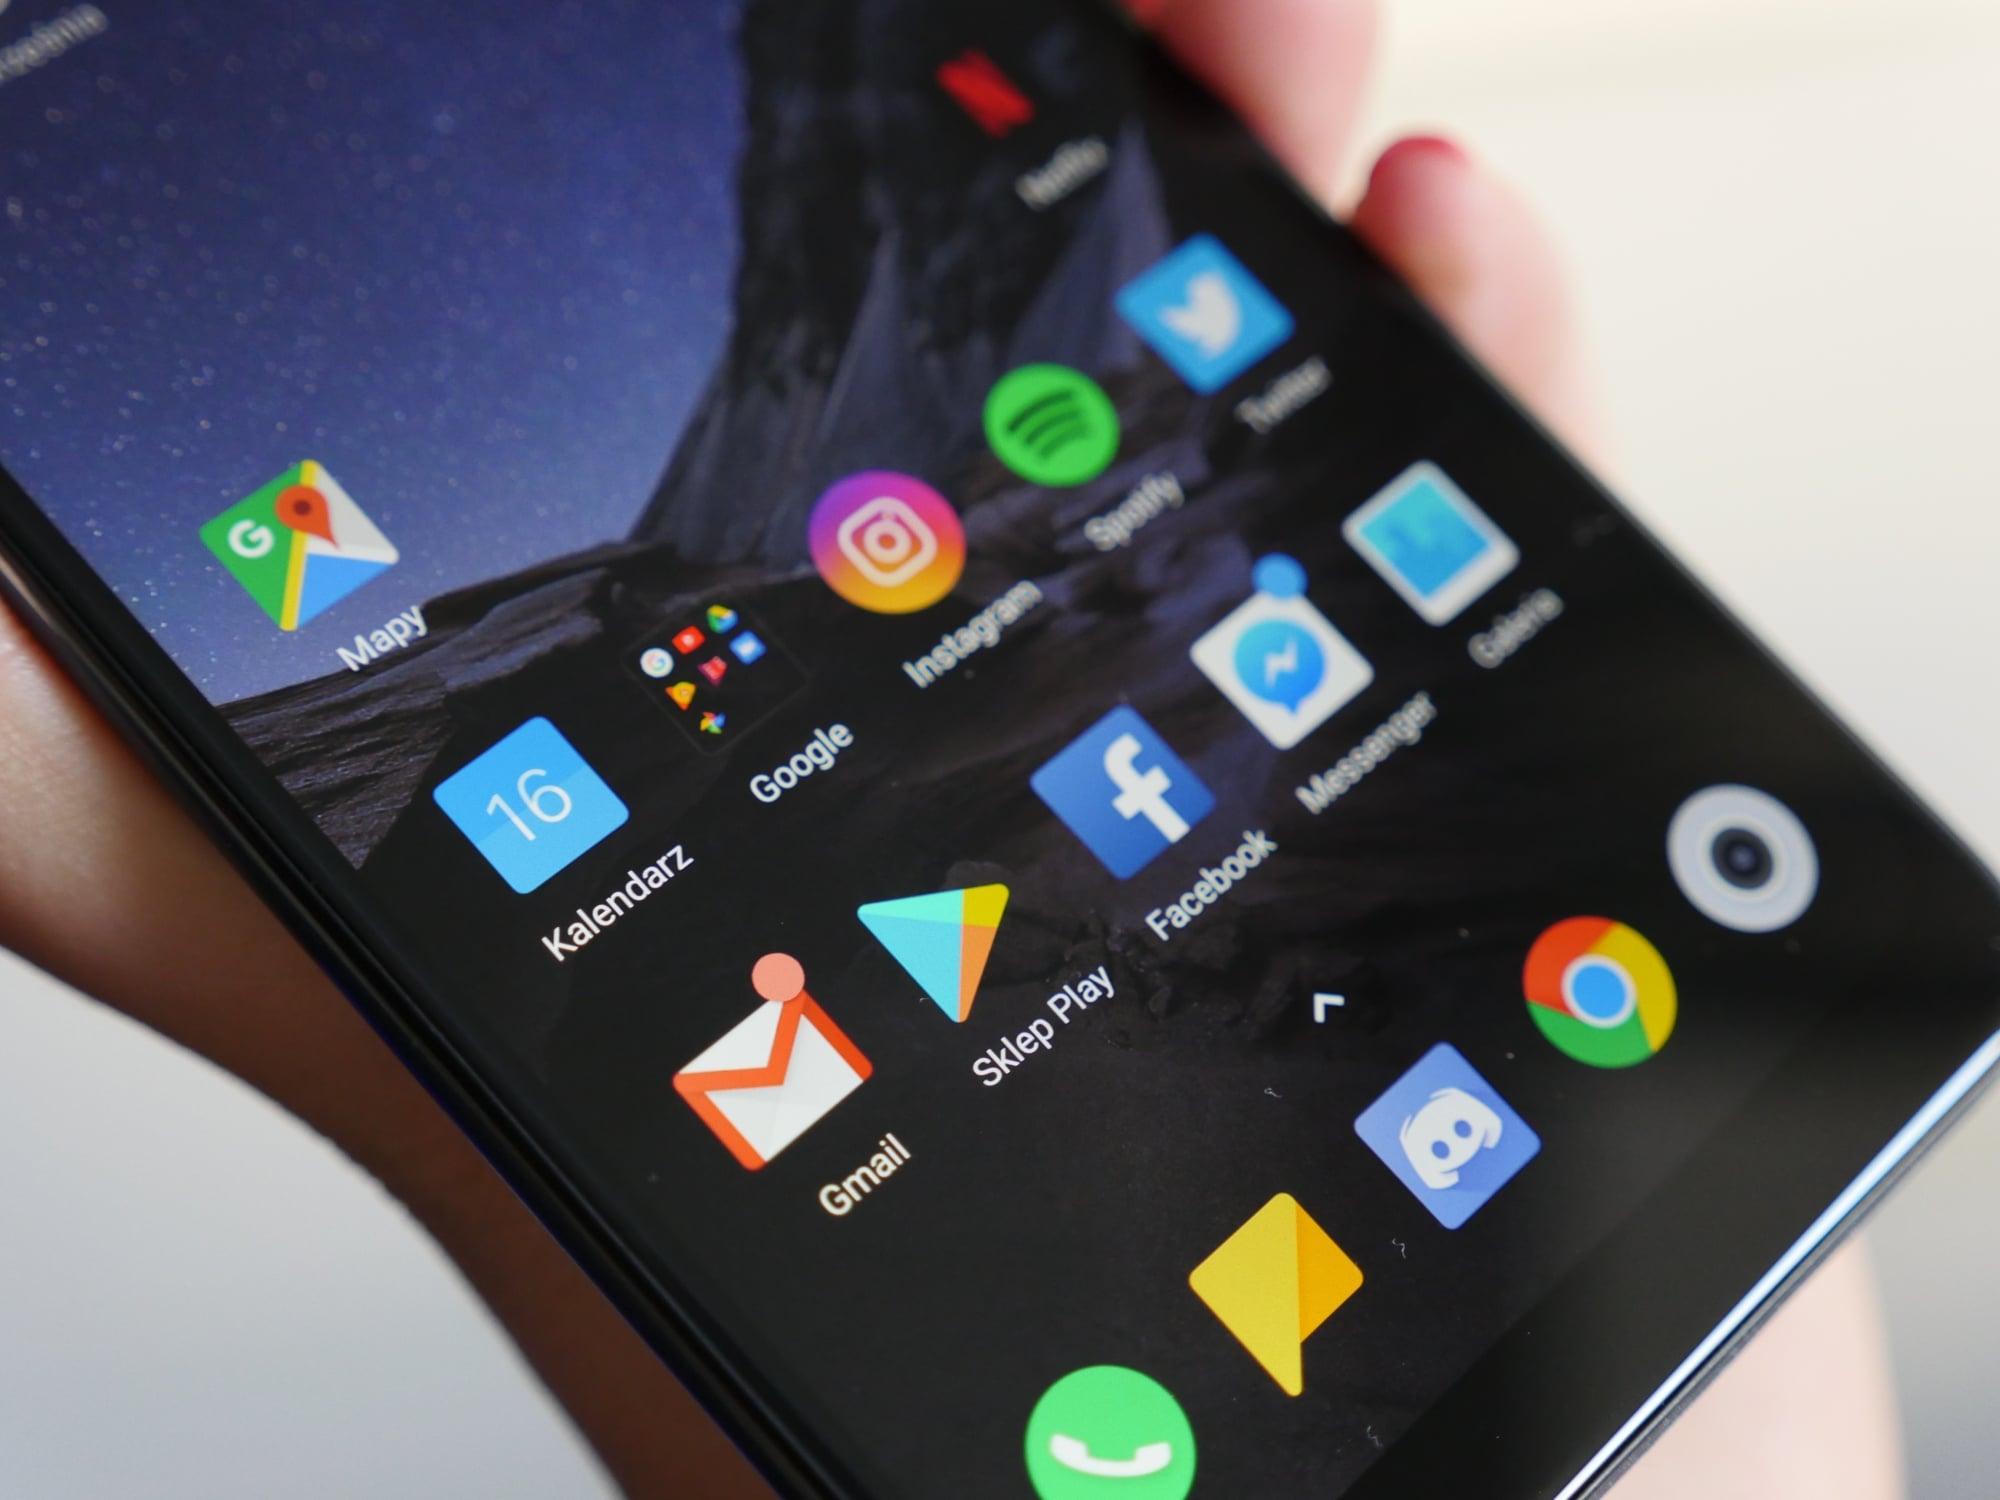 Nadciąga spora aktualizacja dla Pocophone F1. Da możliwość nagrywania wideo w 4K 60 FPS i oglądania Netflixa w HD 31